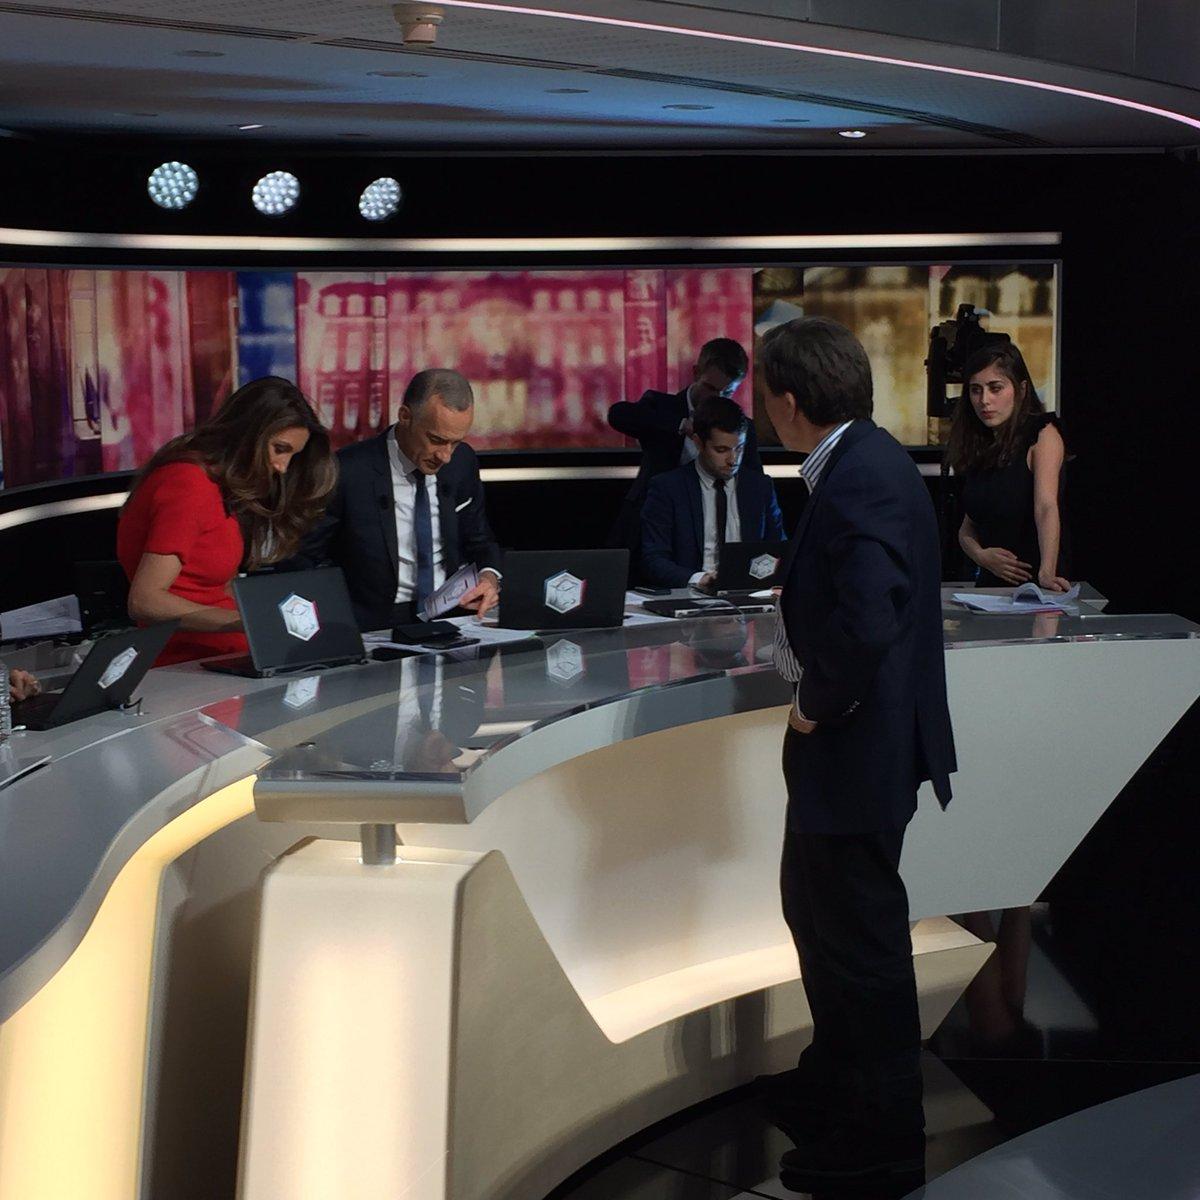 À 10 minutes de l'antenne, @gillespelisson vient encourager @ACCoudray et @GillesBouleau